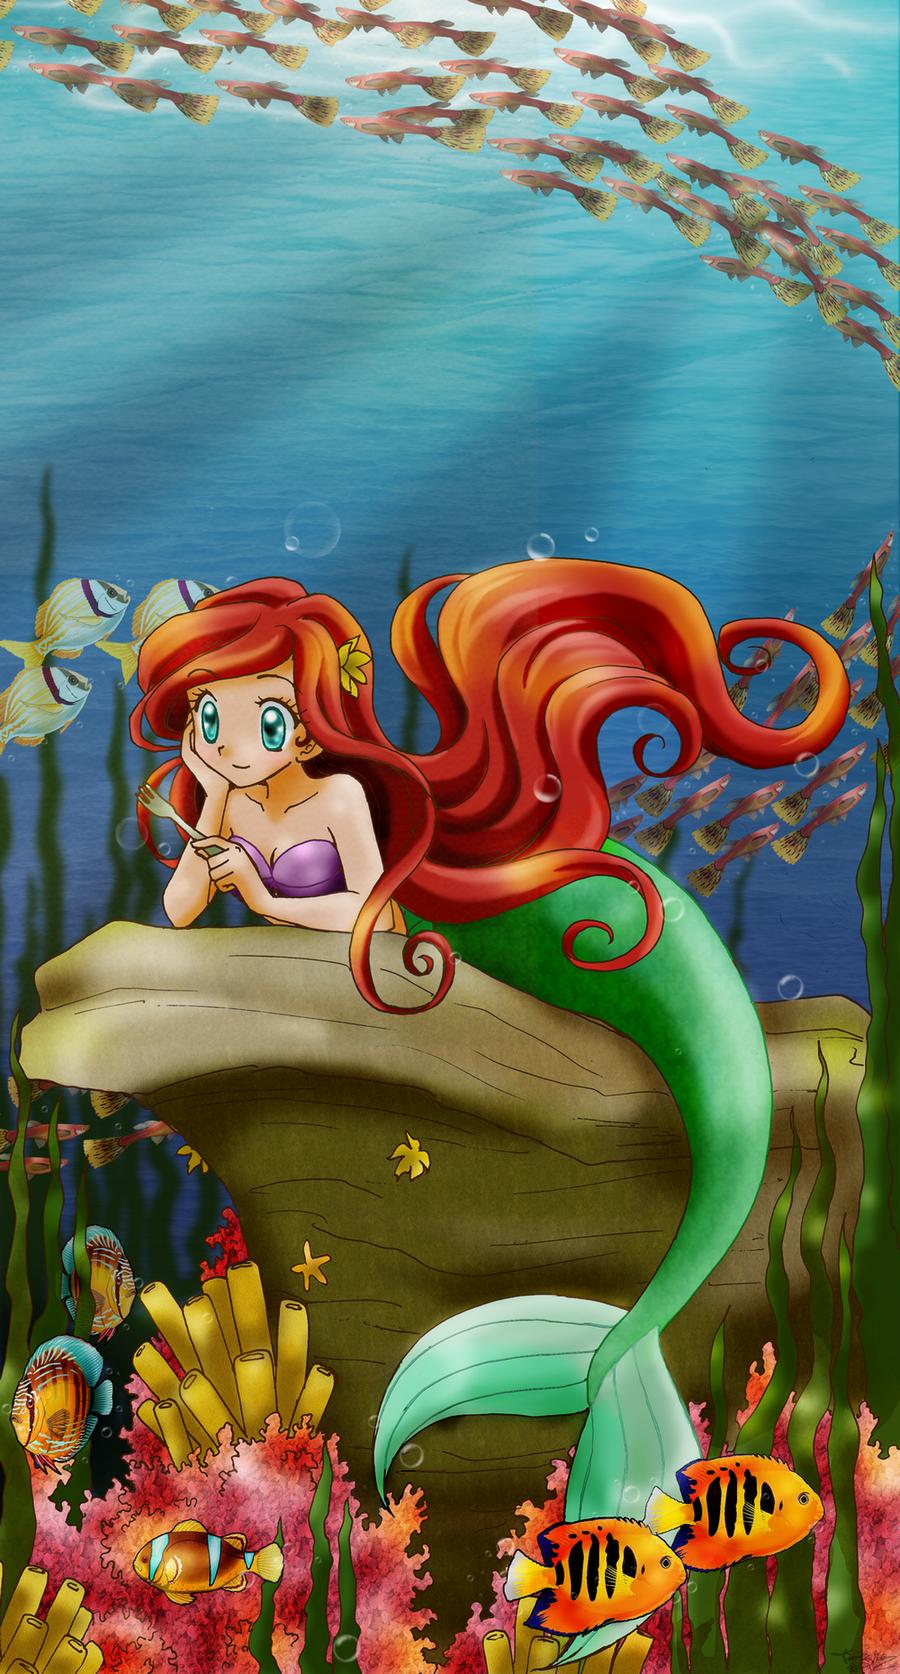 little mermaid anime style wwwimgkidcom the image